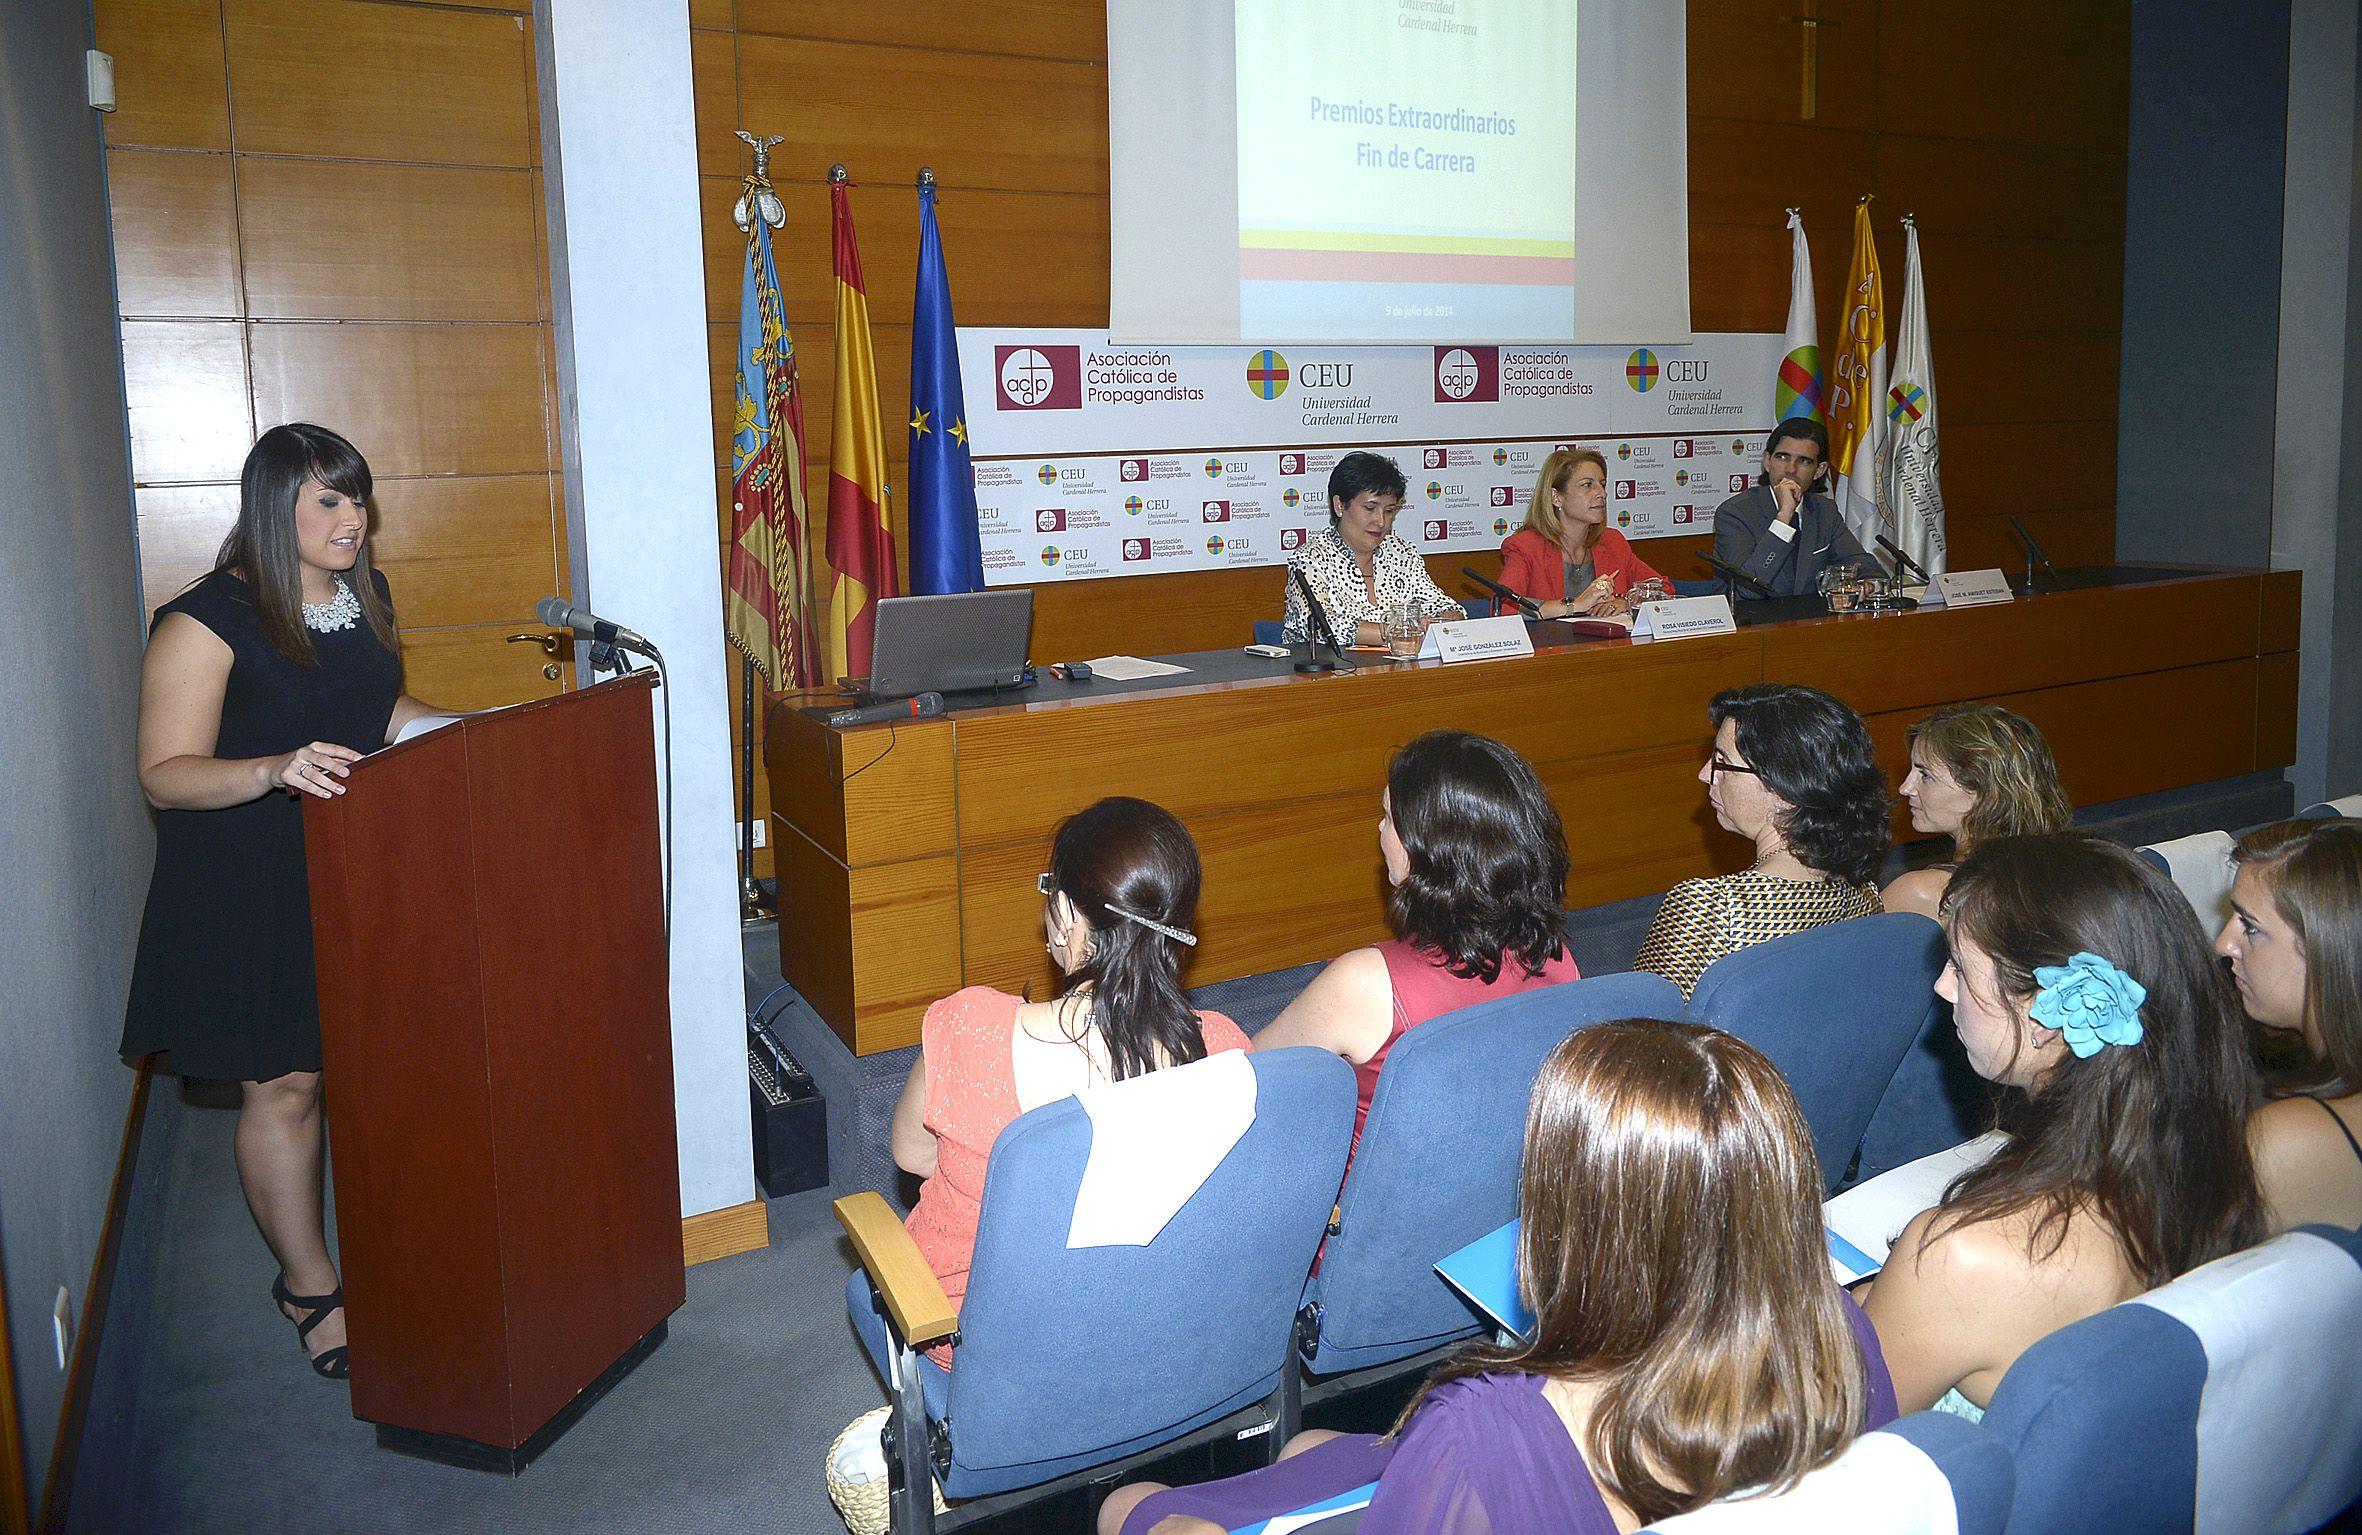 Mª José Ávila, del GRado en Periodismo, intervino en nombre de los premiados.